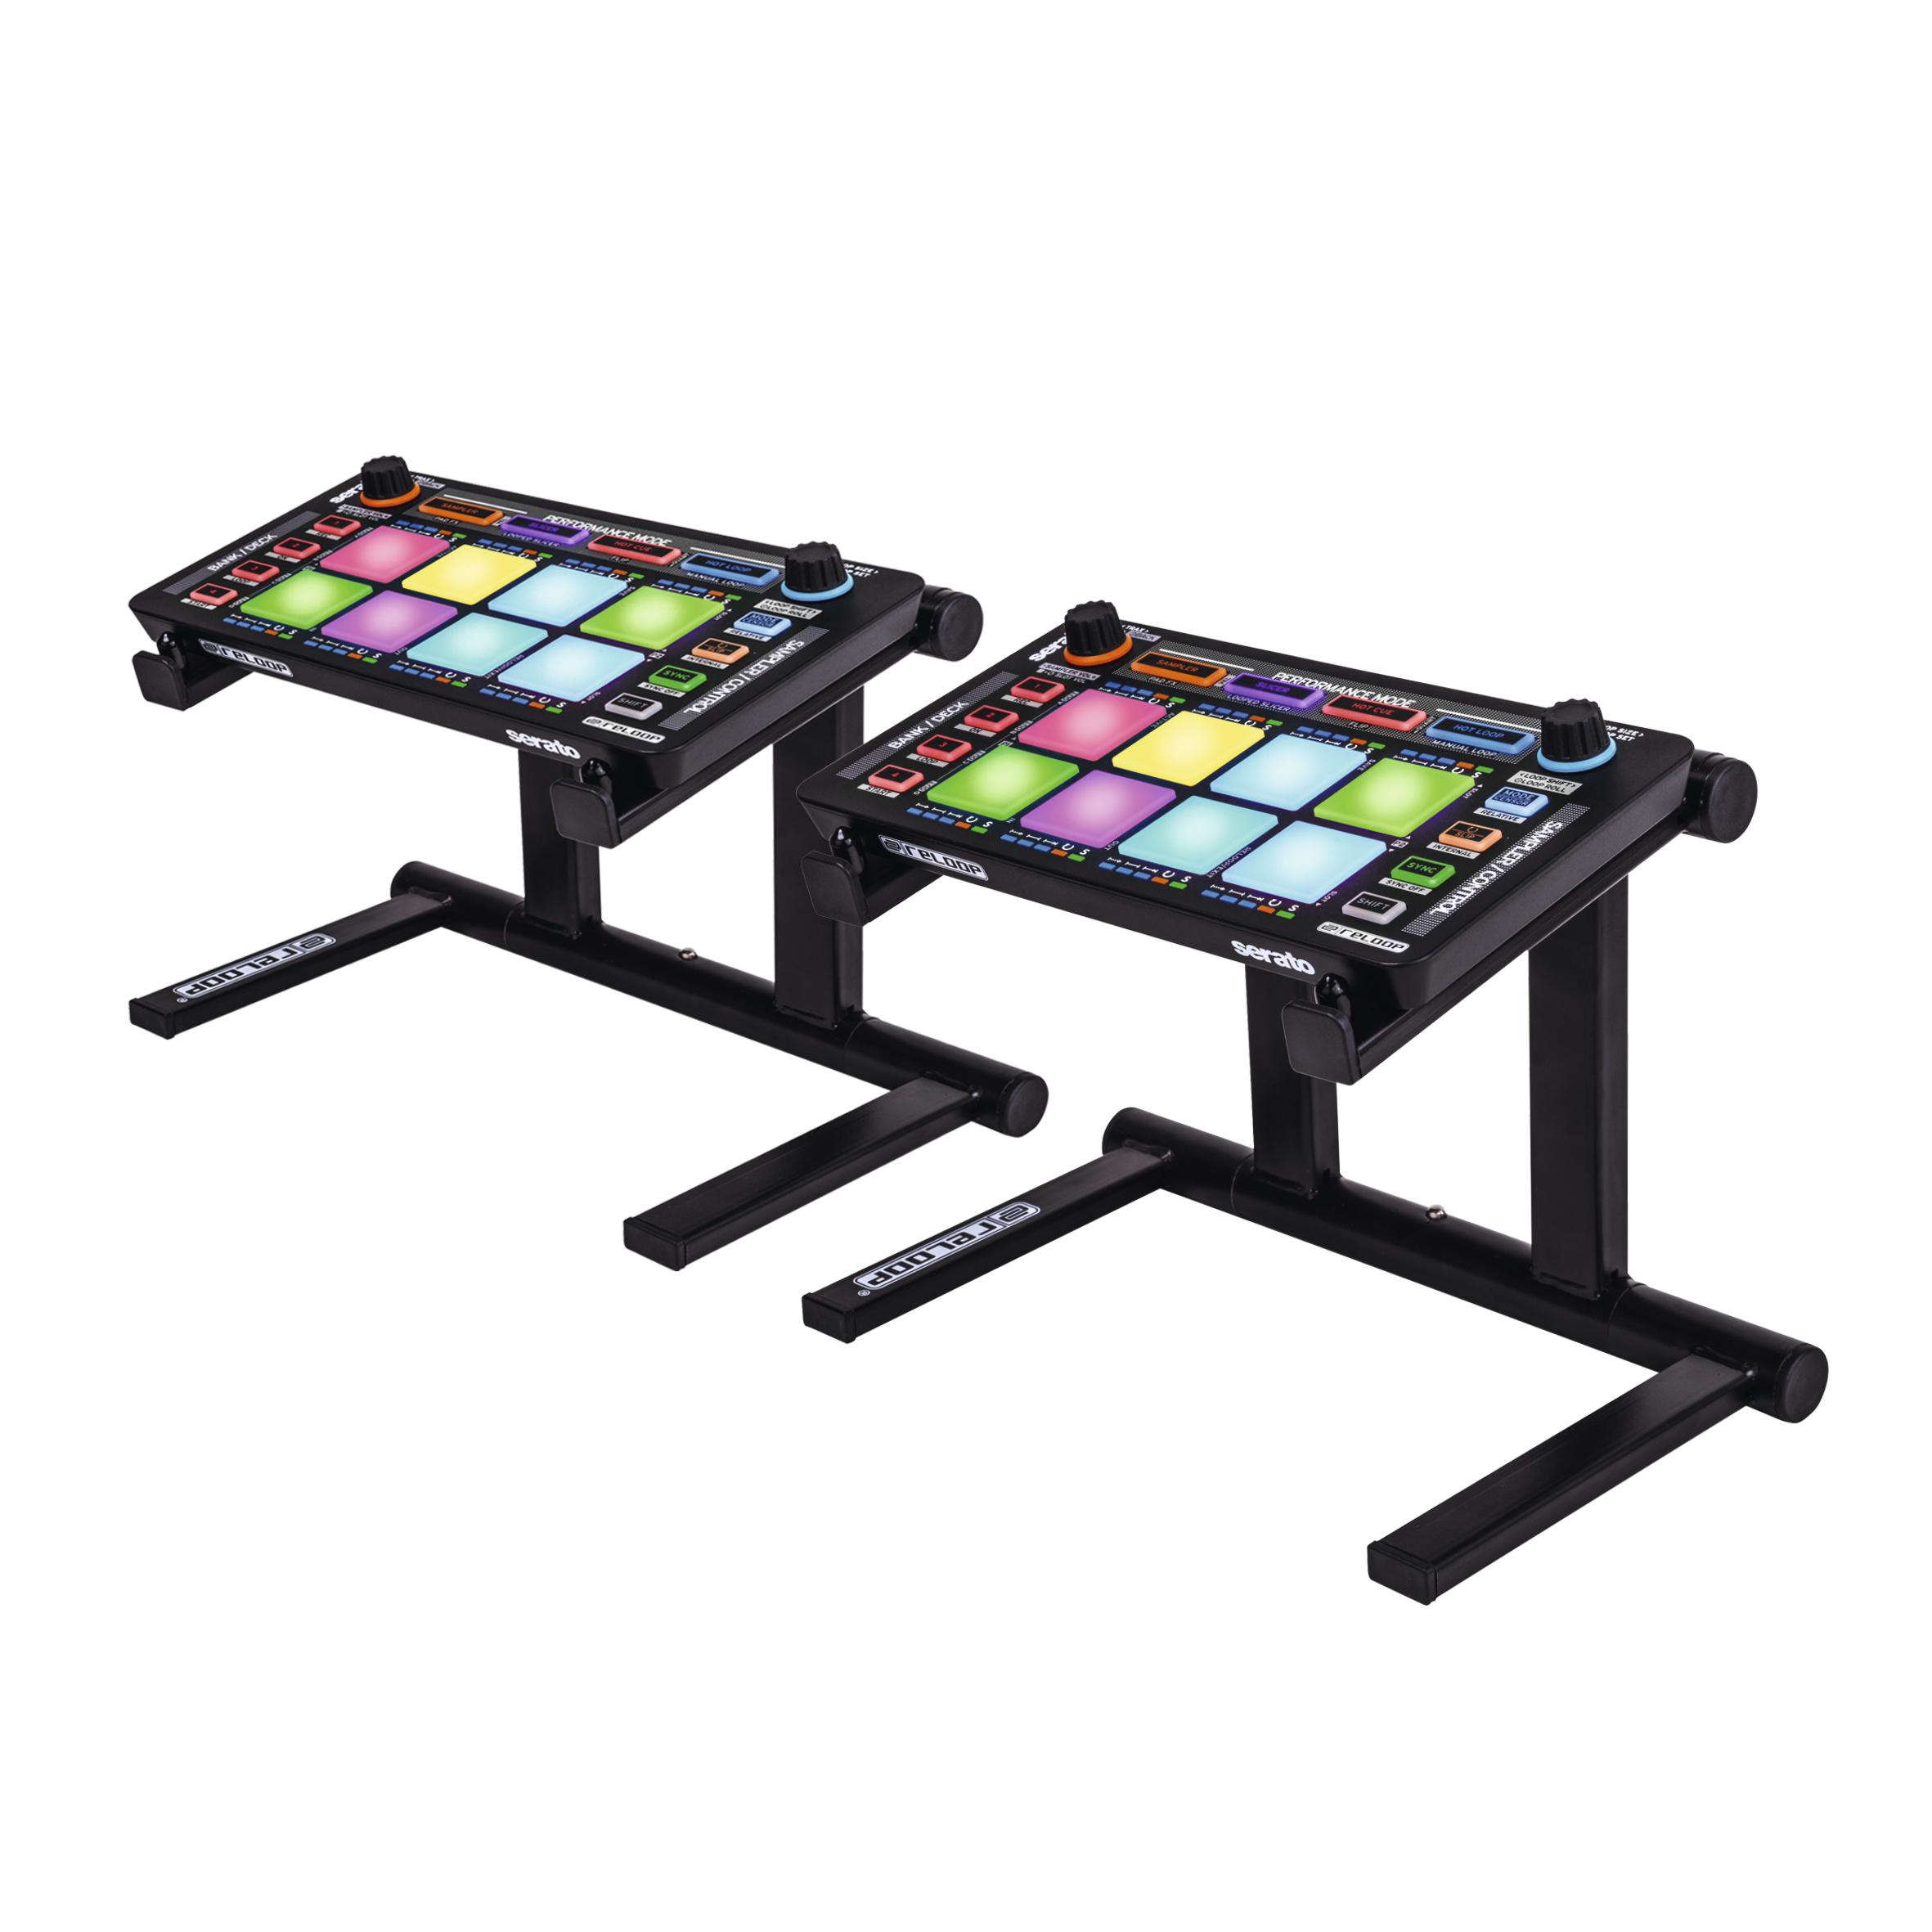 Reloop Neon Bundle - 2x Reloop Neon + 2x Modularstand 235427